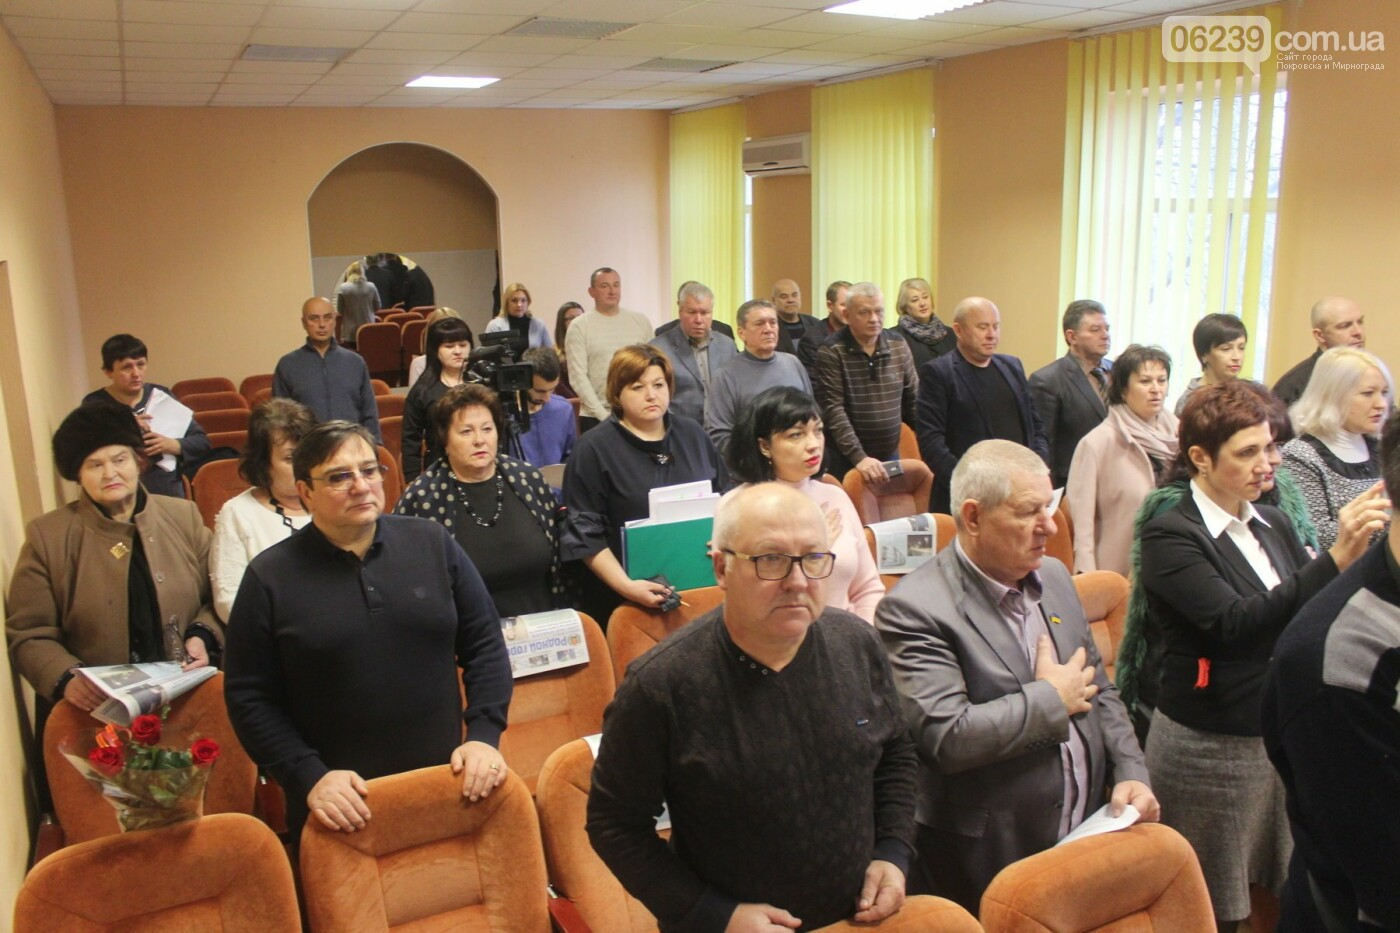 Бюджет на 2019-й год и реконструкция парка: в Мирнограде состоялась 54-я сессия городского совета, фото-2